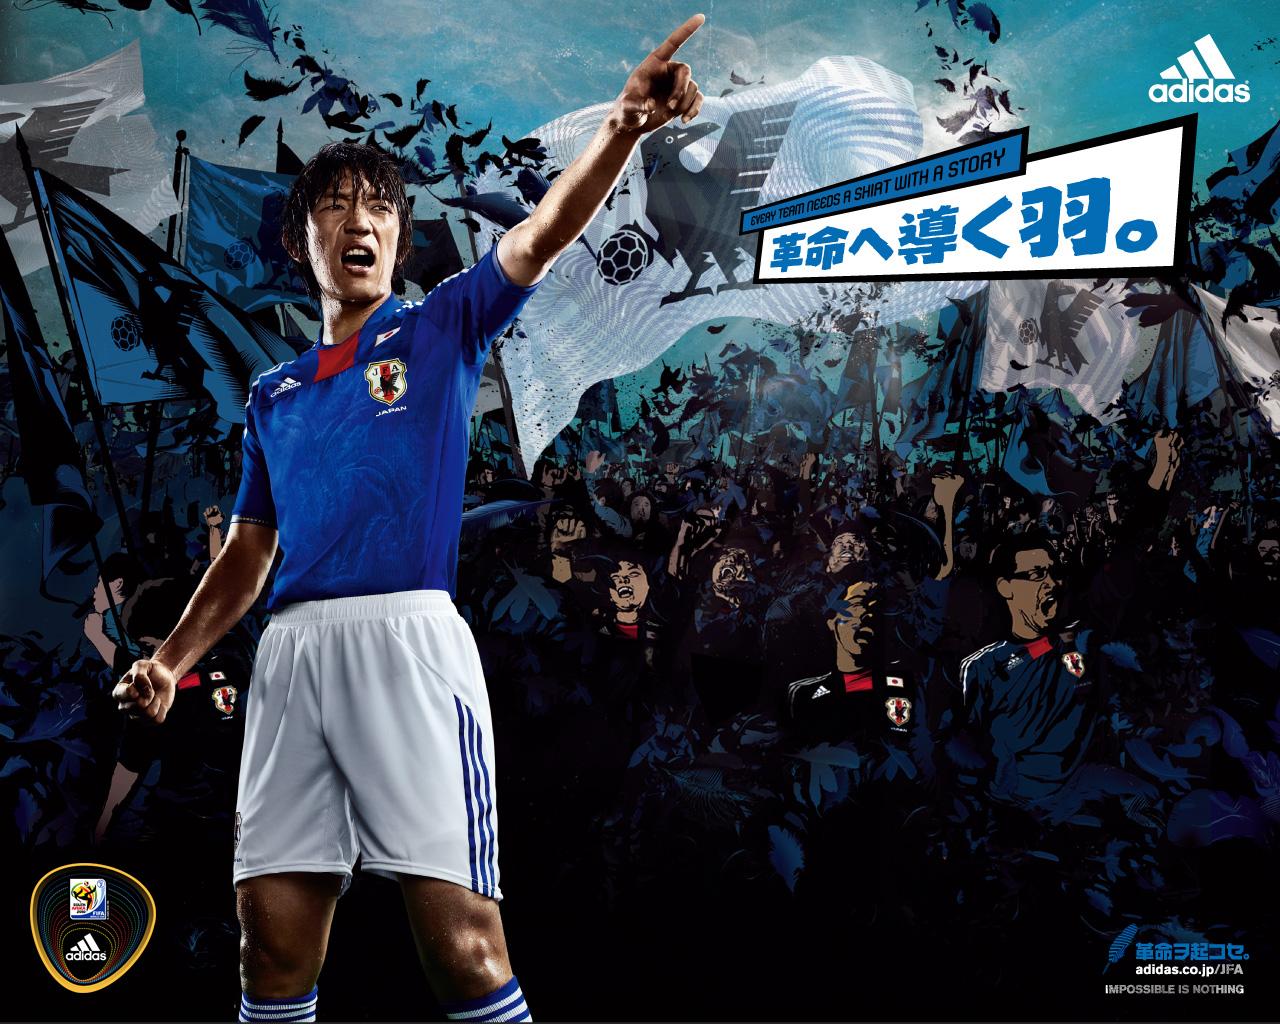 日本代表 10 11年adidas新ユニフォーム ホームモデル 遂に発表 Football Shirts Voltage Com サッカー各国代表 クラブユニフォーム